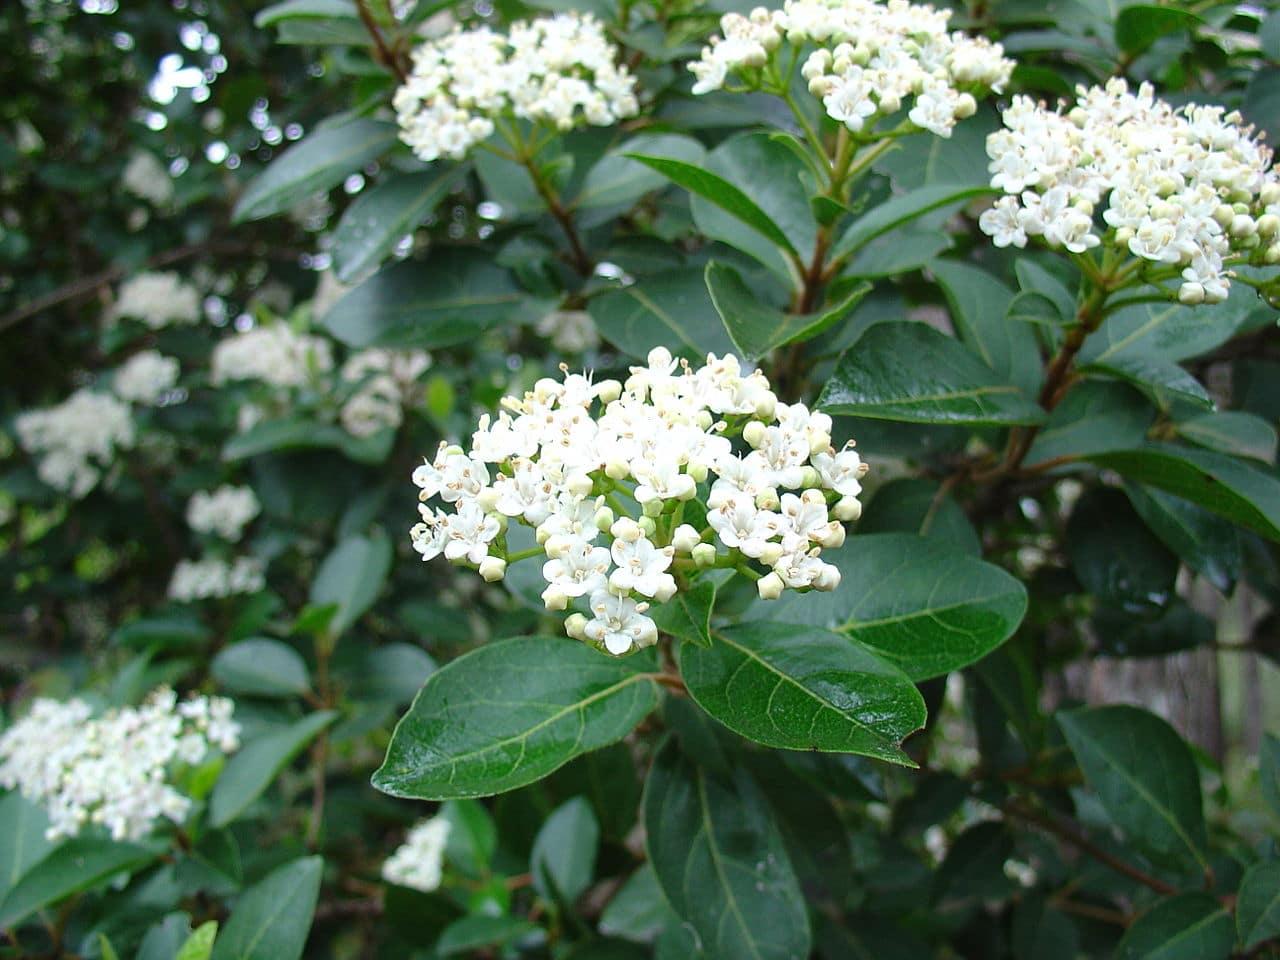 El durillo es un arbusto o arbolito perenne